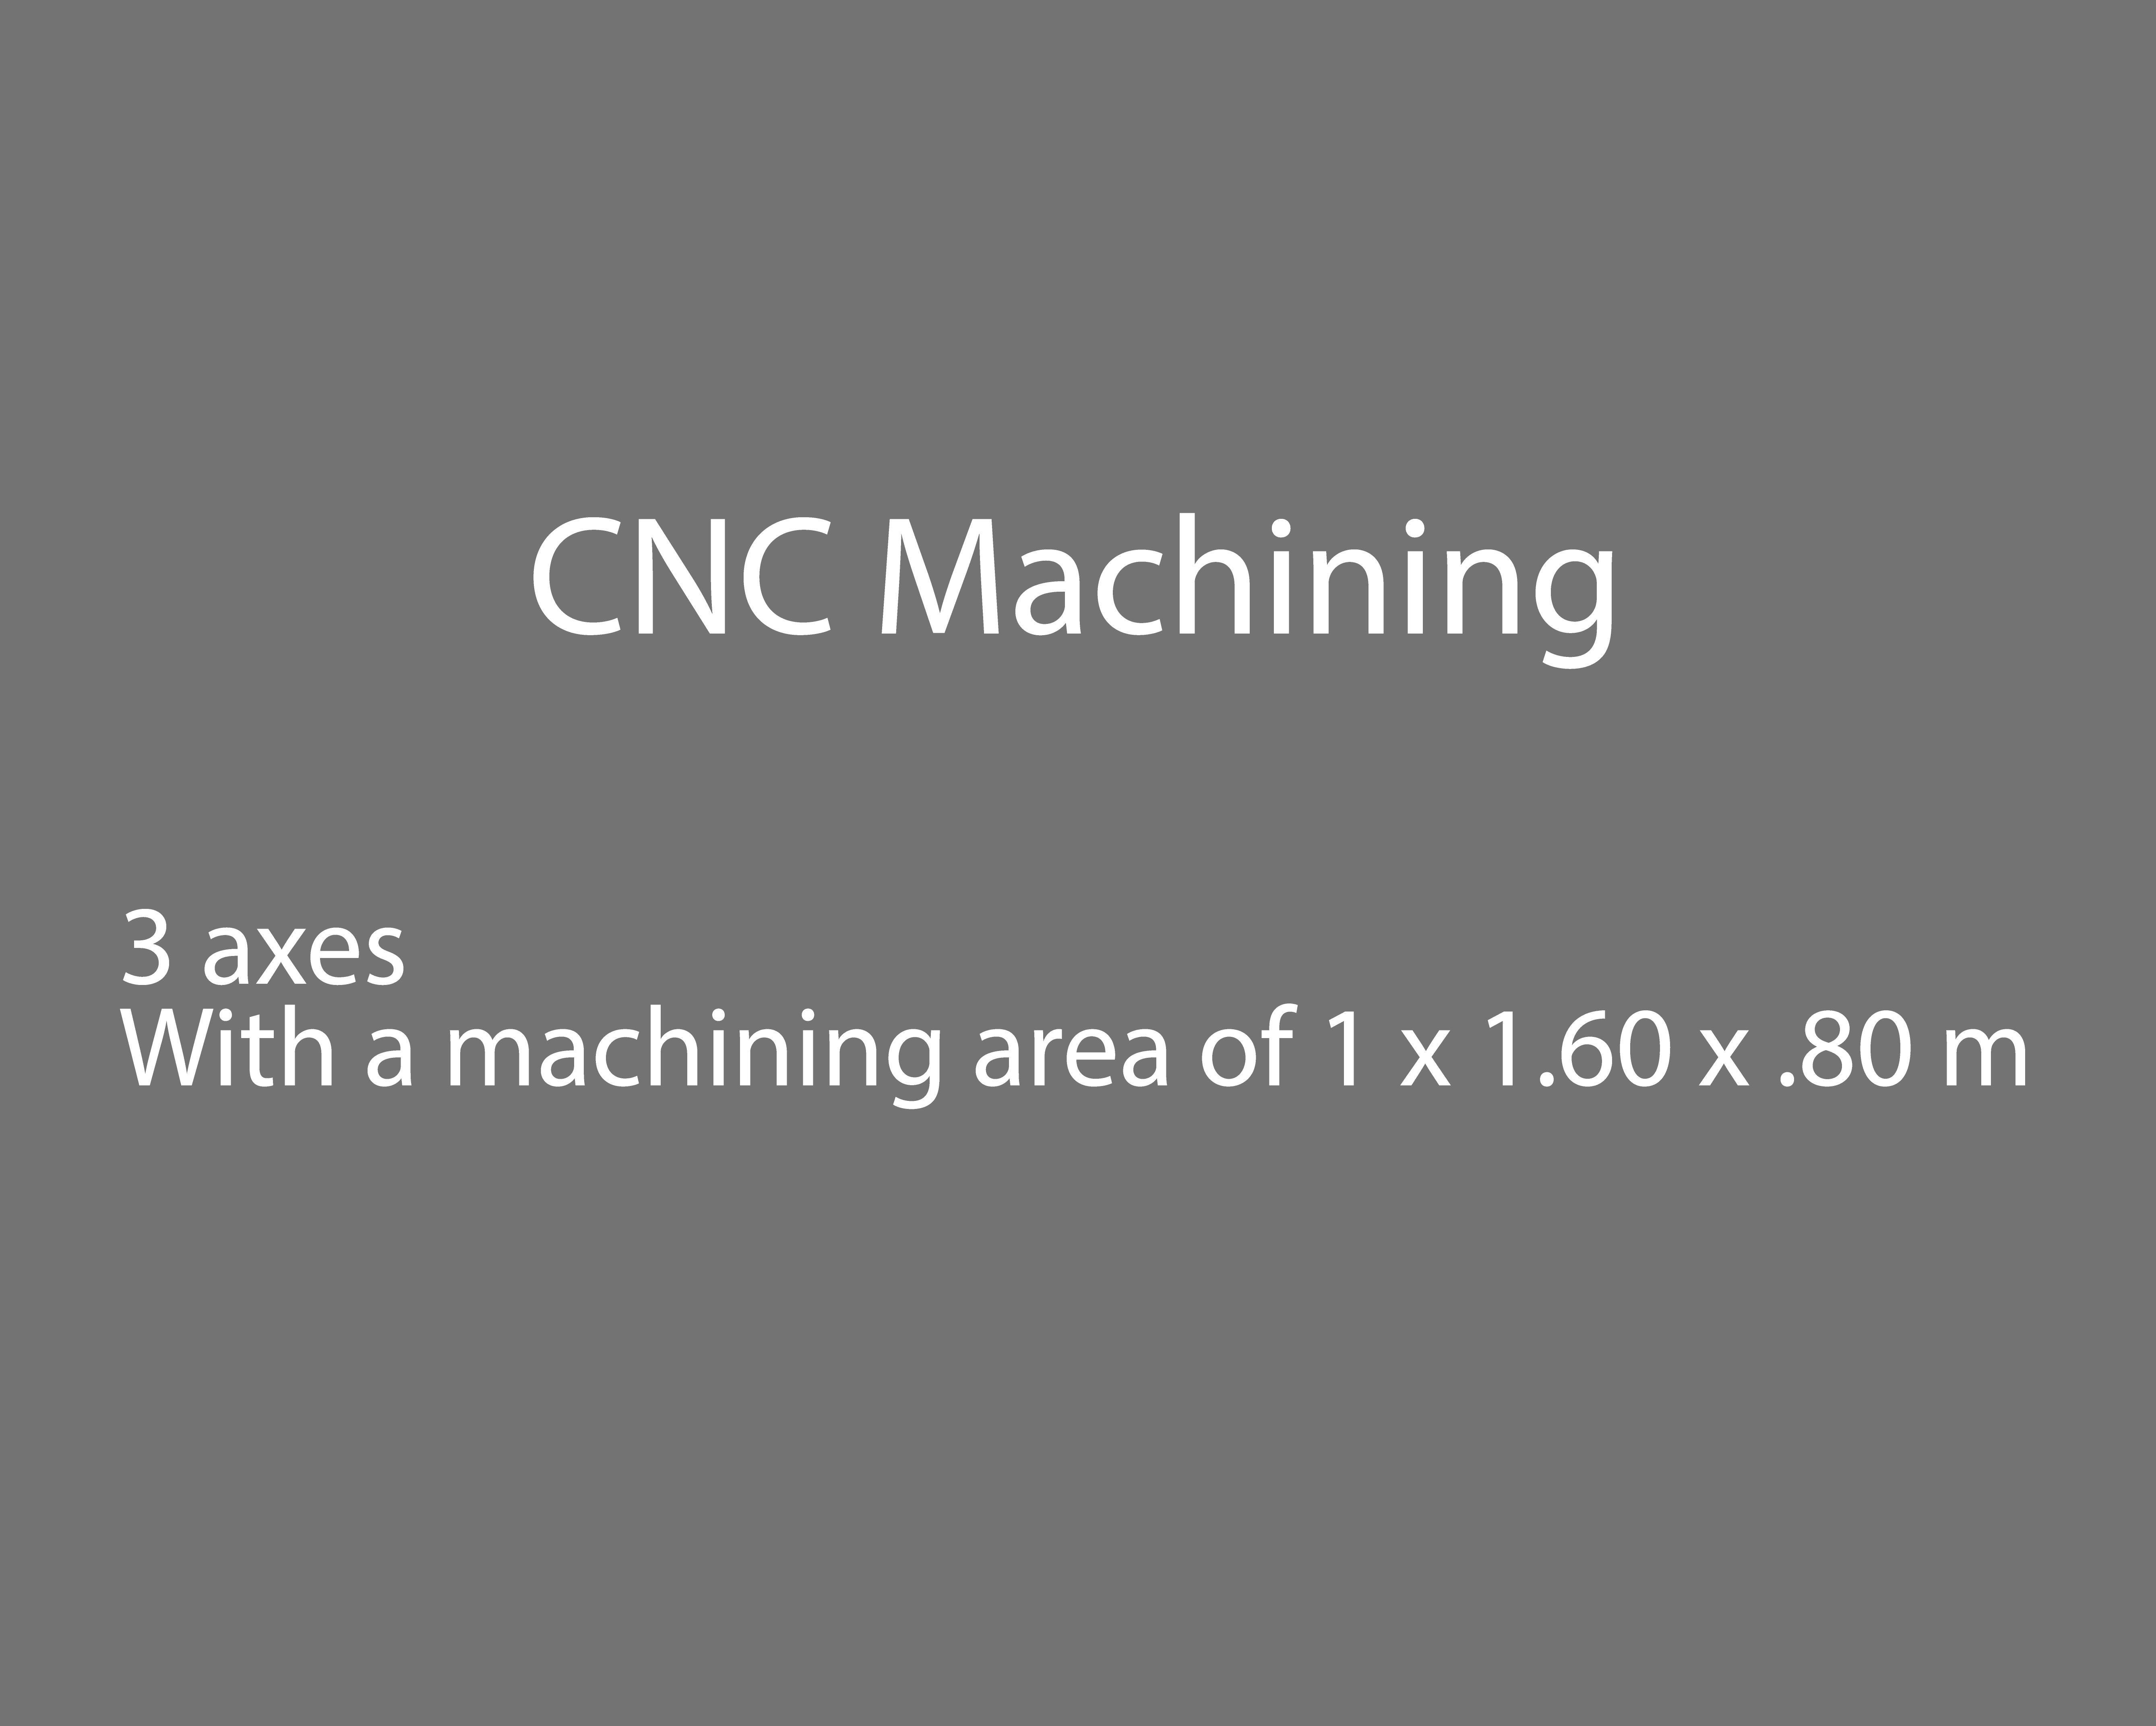 cnc machning-01-01